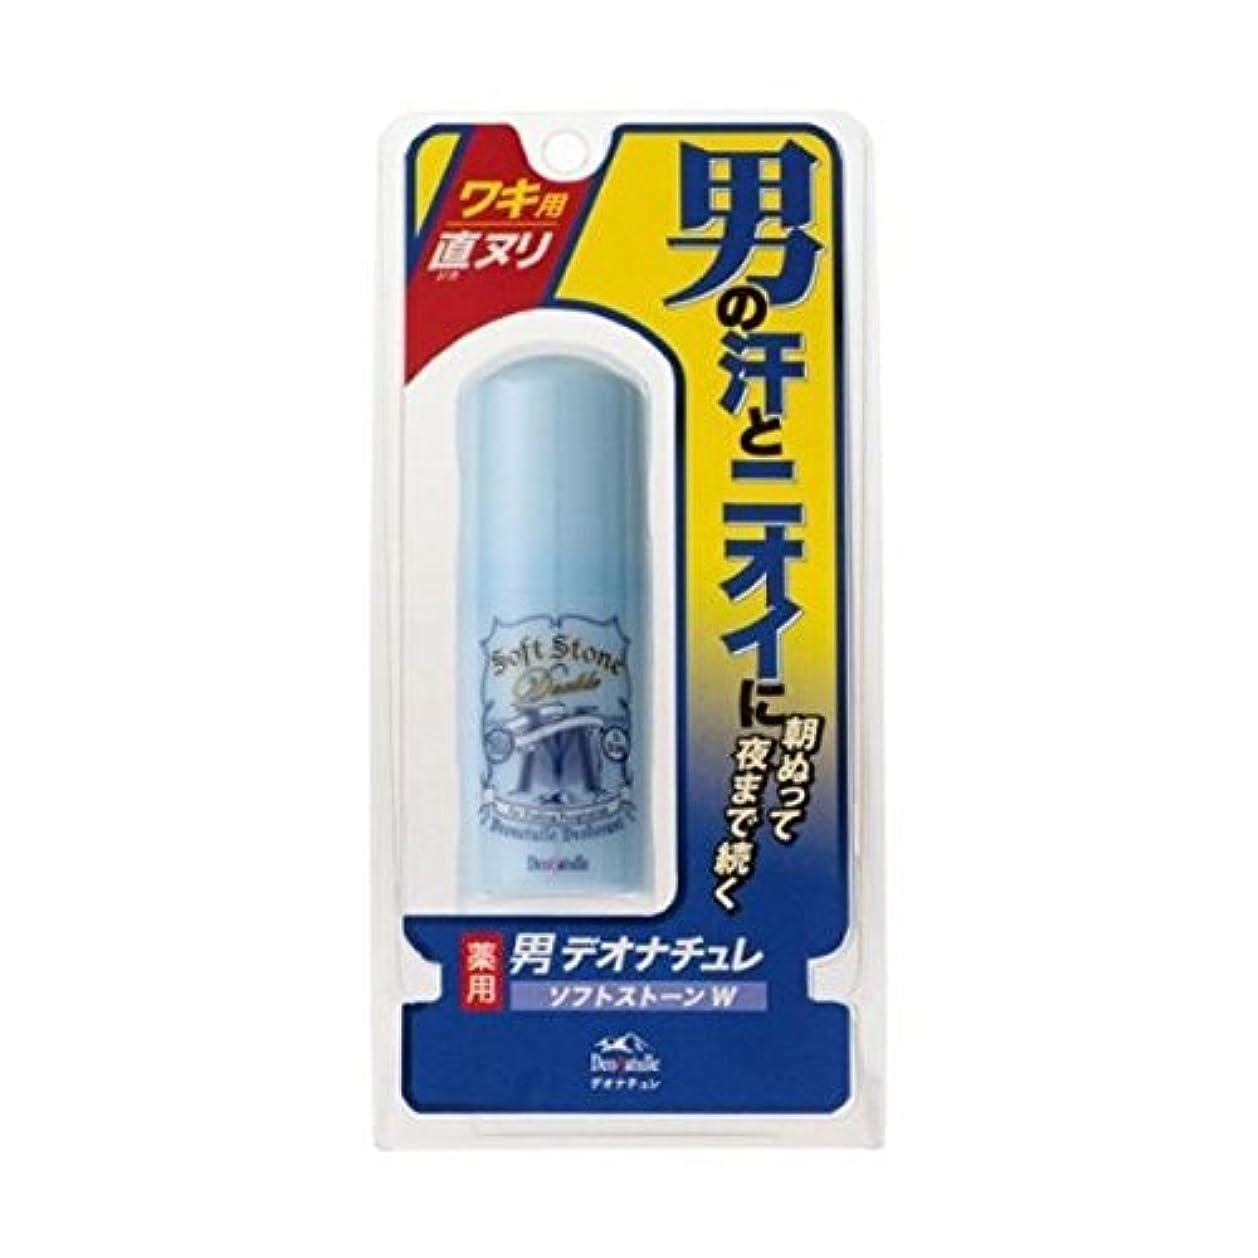 準備した閃光平らなデオナチュレ 男ソフトストーン20Gx6個